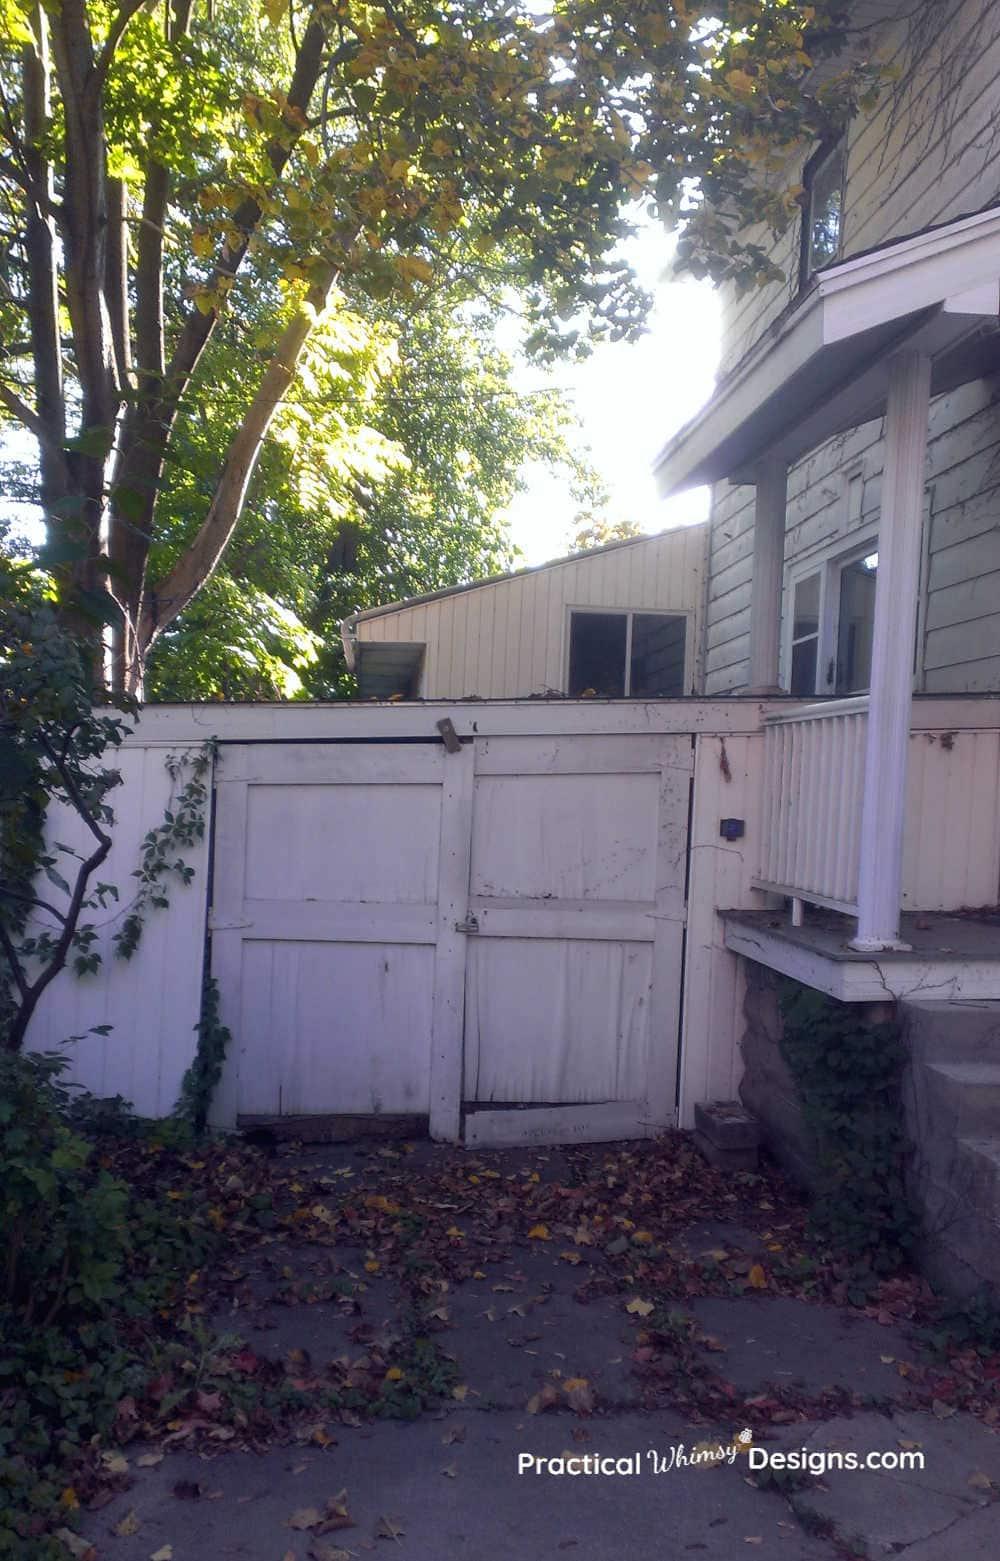 Small, rundown attached garage